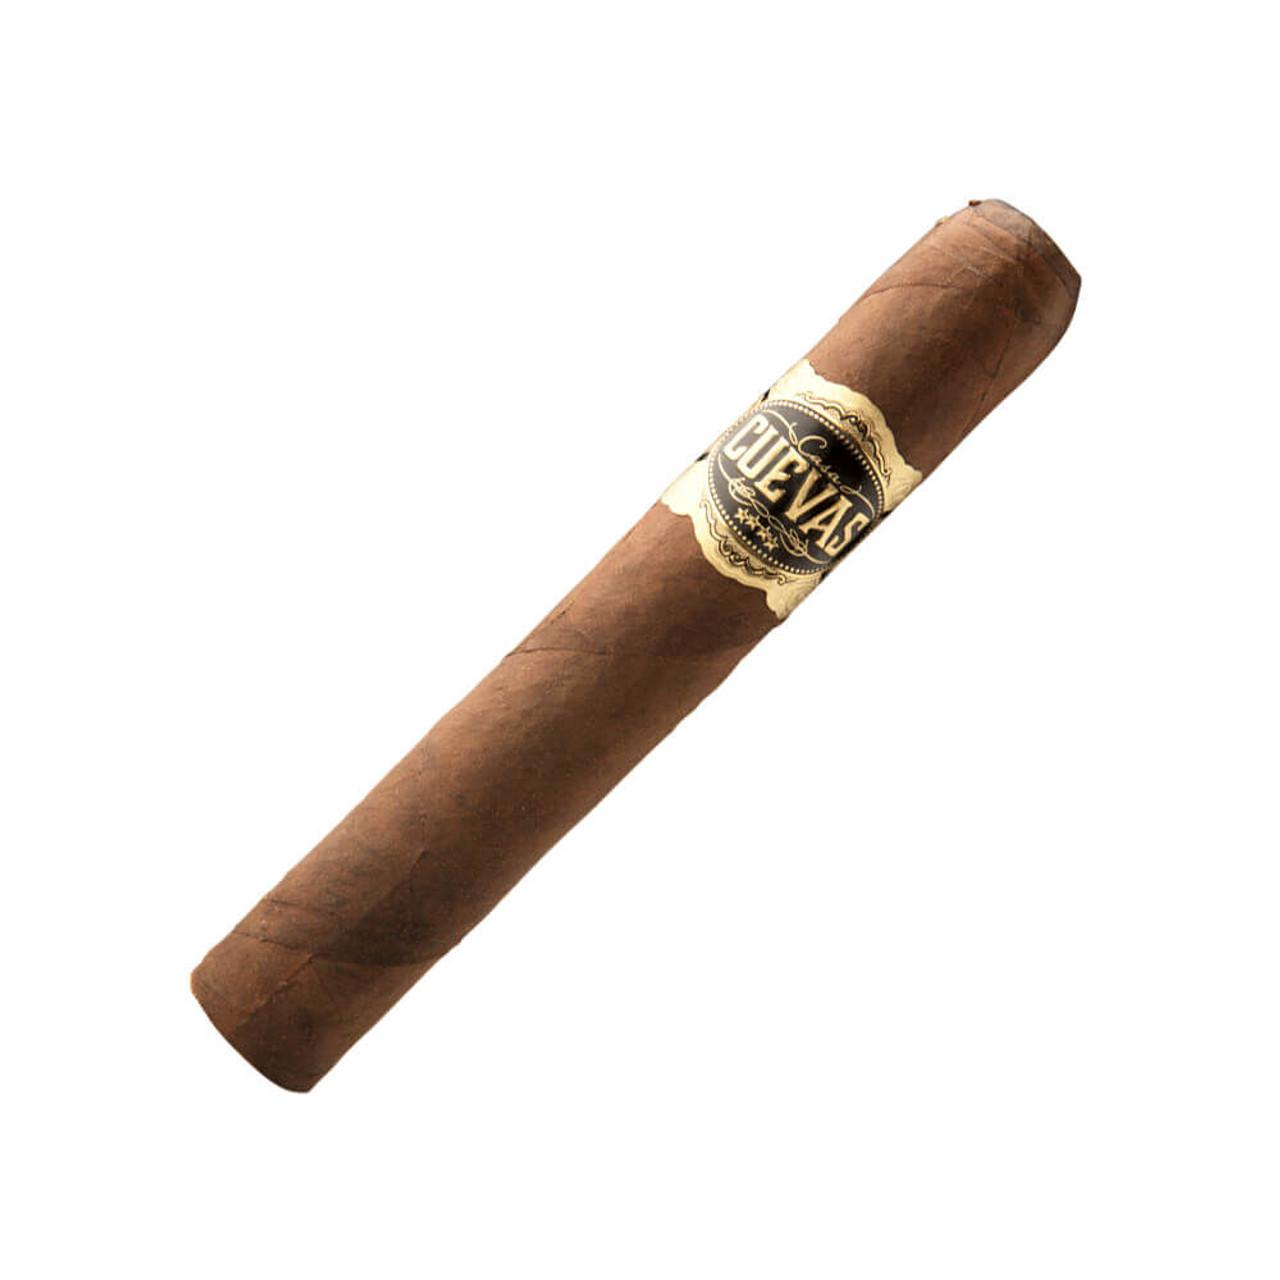 Casa Cuevas Maduro Gordo Cigars - 6 x 60 (Box of 20)